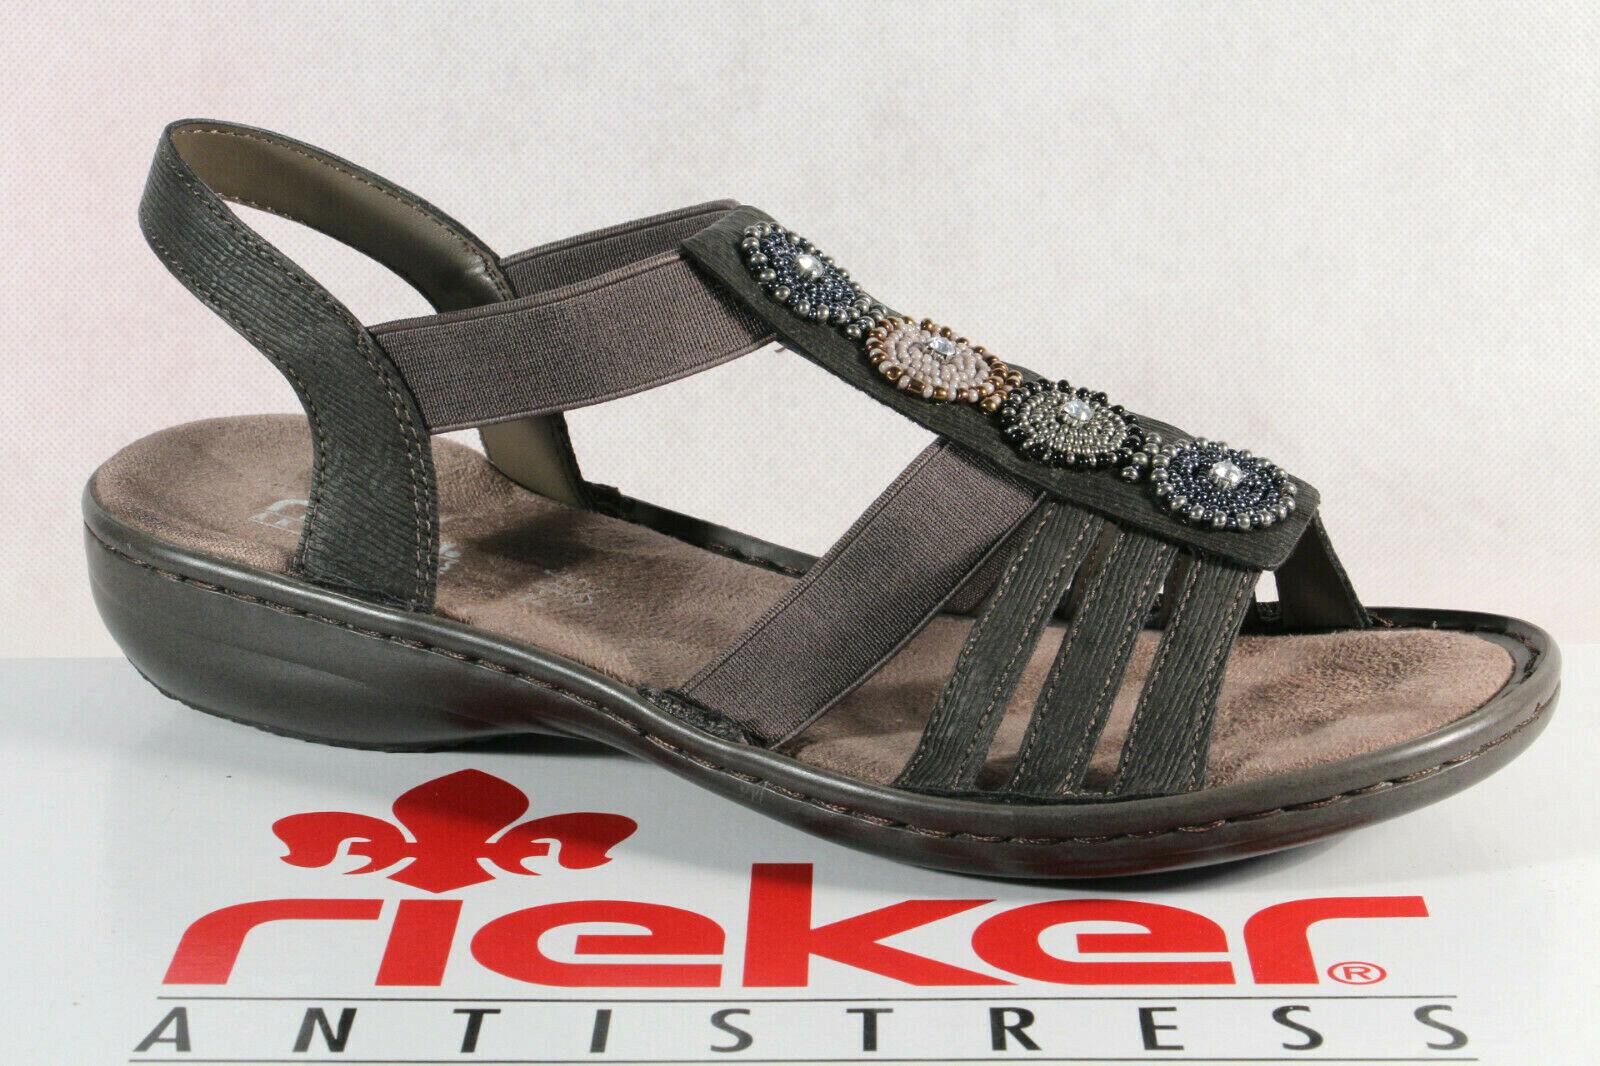 Sandalette Damen 608g9 Rieker Neu Sandale Sandaletten Grau Sandalen eEDHb2IY9W